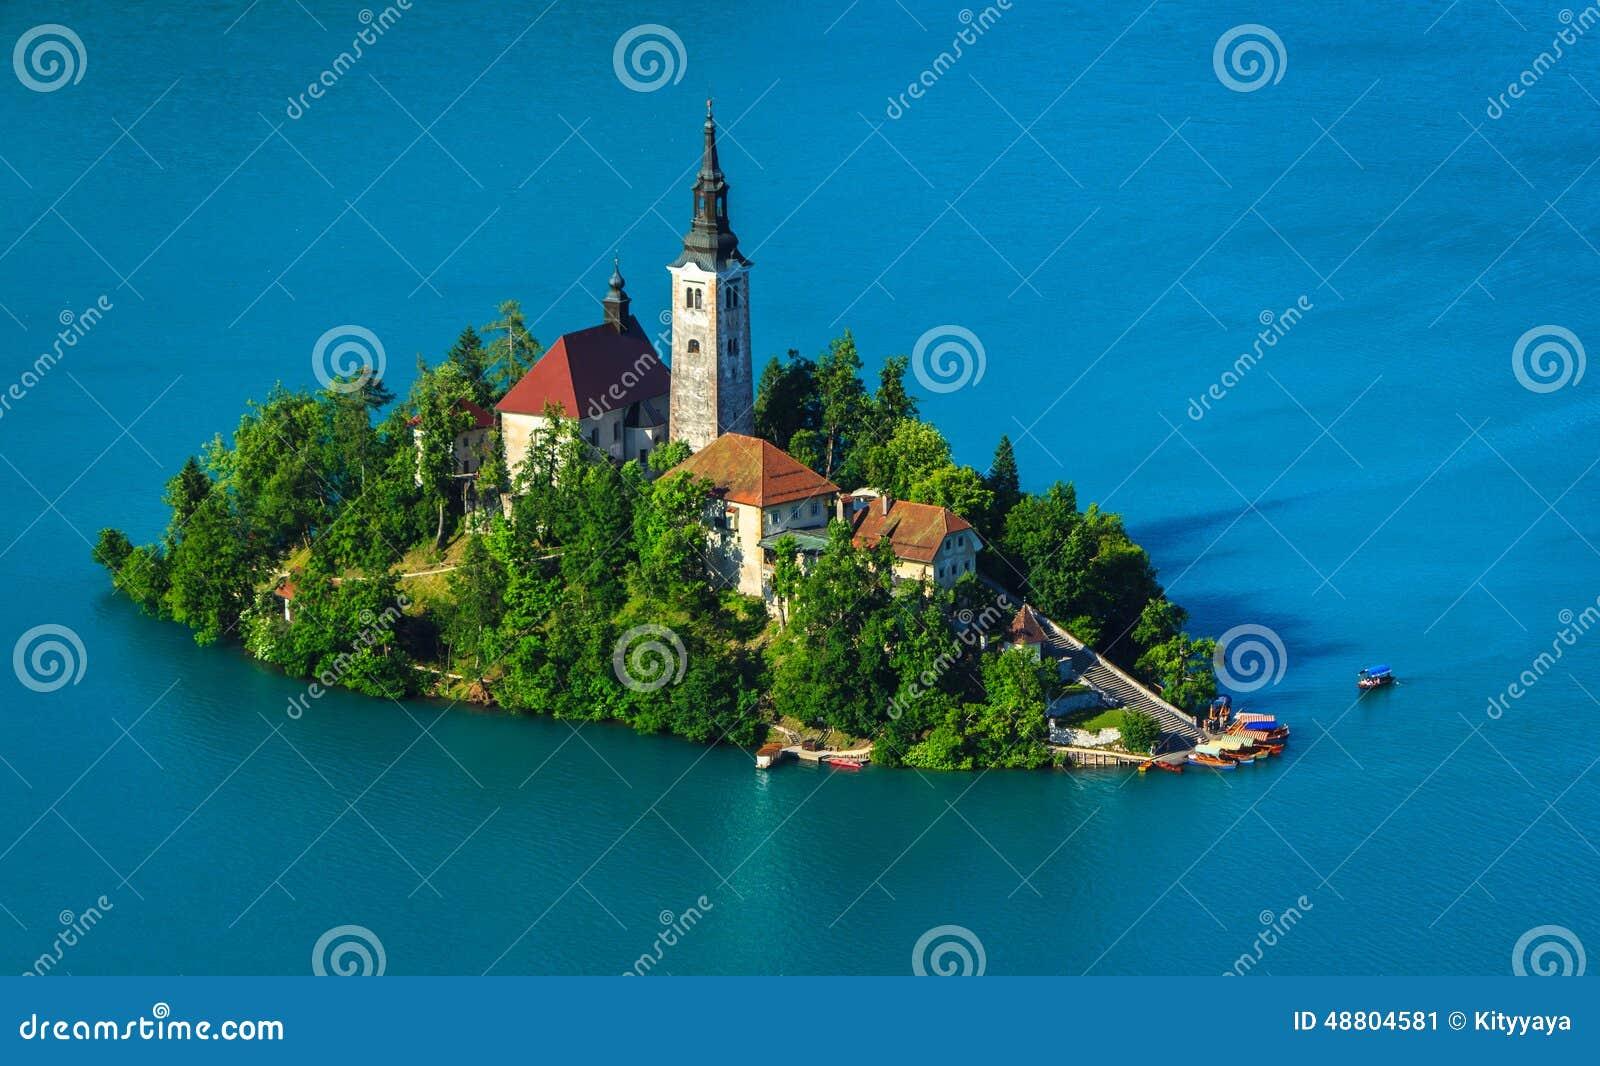 Christliche Kirche auf der Insel, geblutet